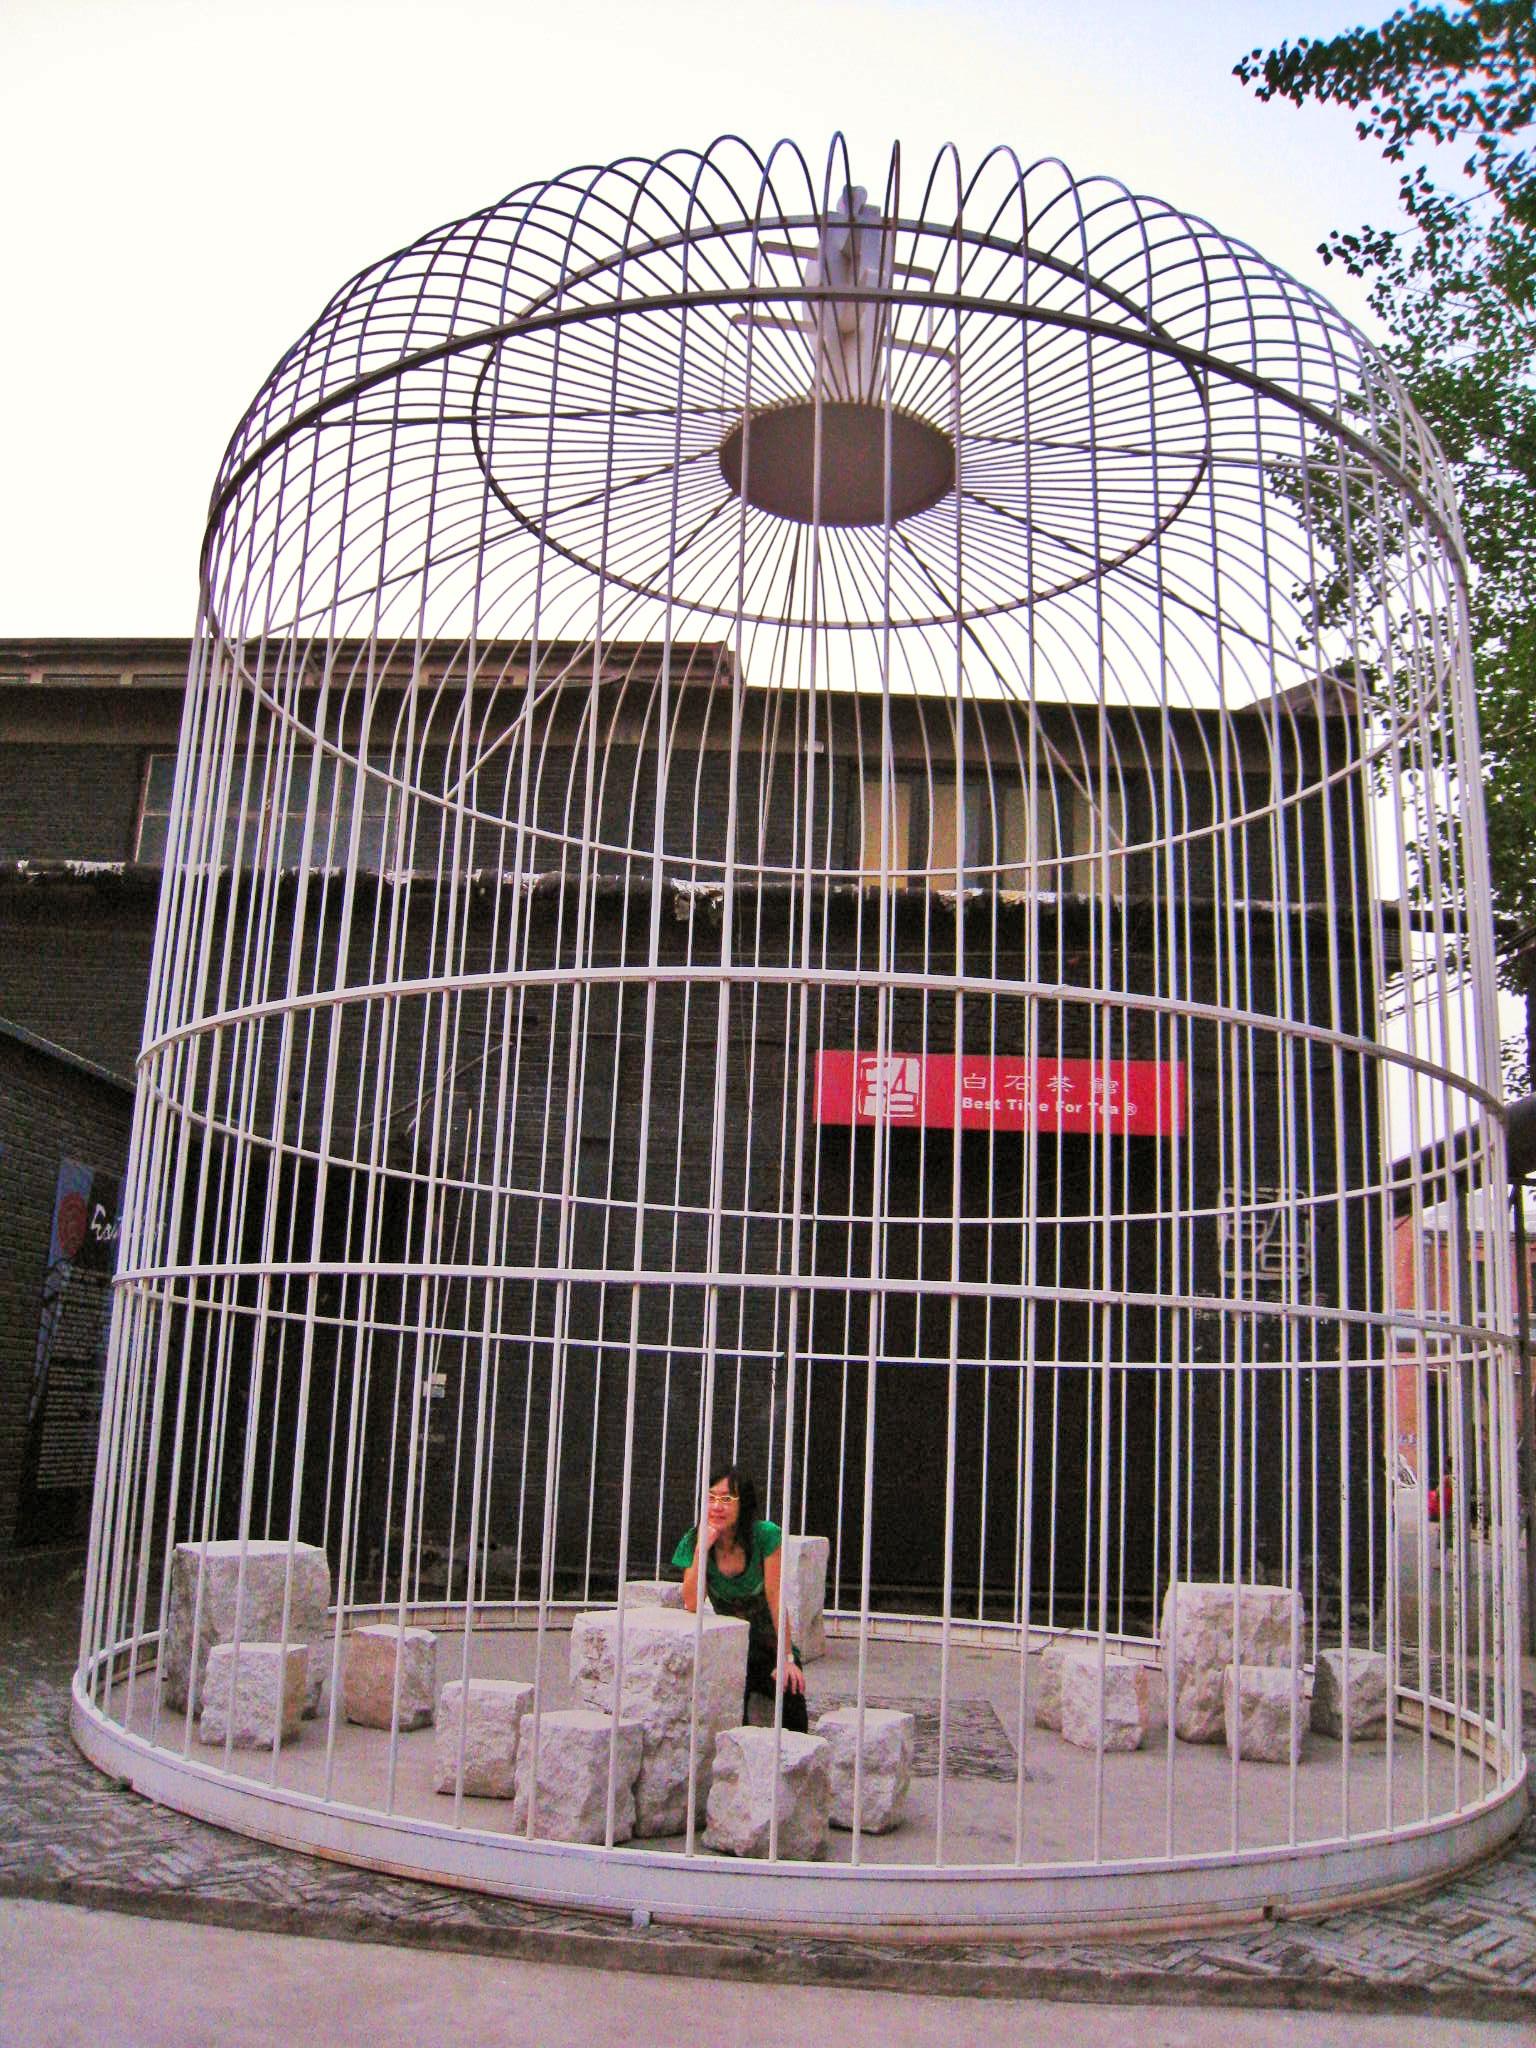 798 Art district art installation - bird cage